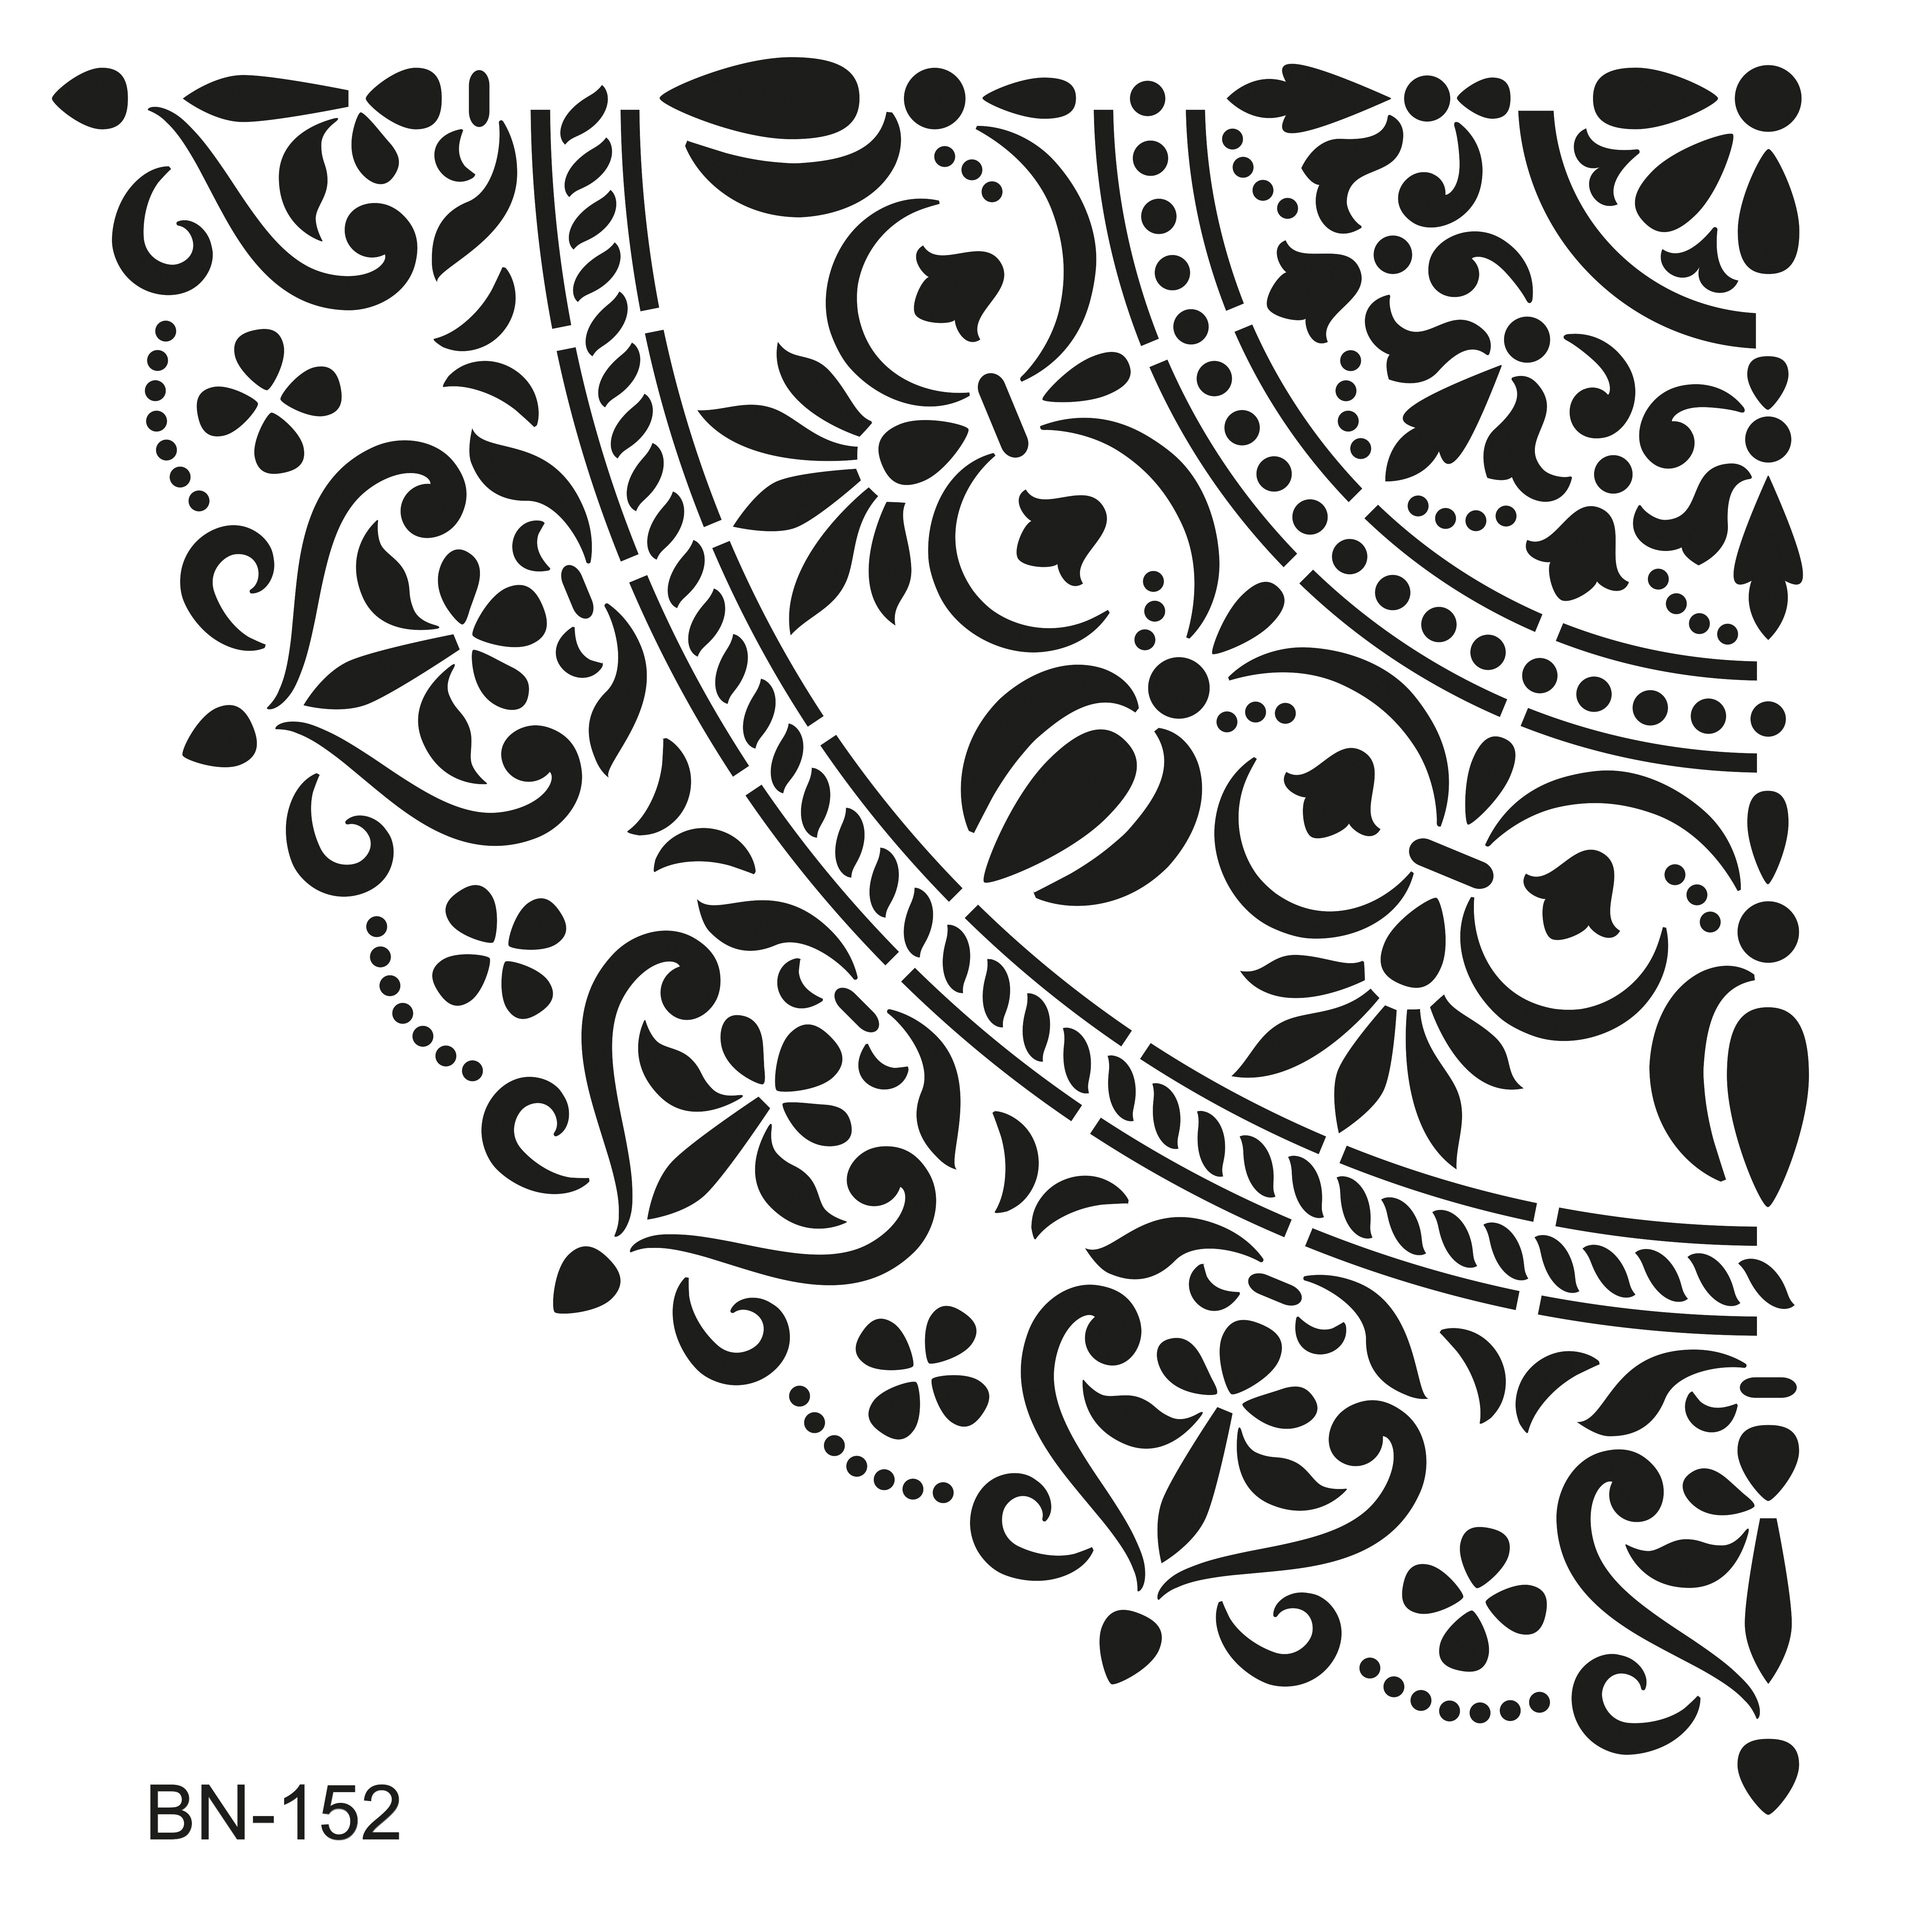 Yarım Damask Desen Stencil OZEL 72 - 25x36cm